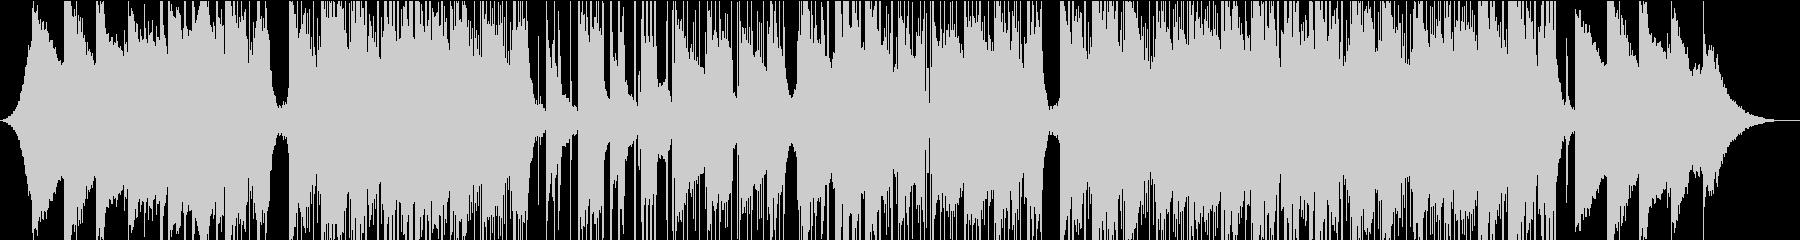 スタイリッシュ、ヒップホップ、チルアウトの未再生の波形